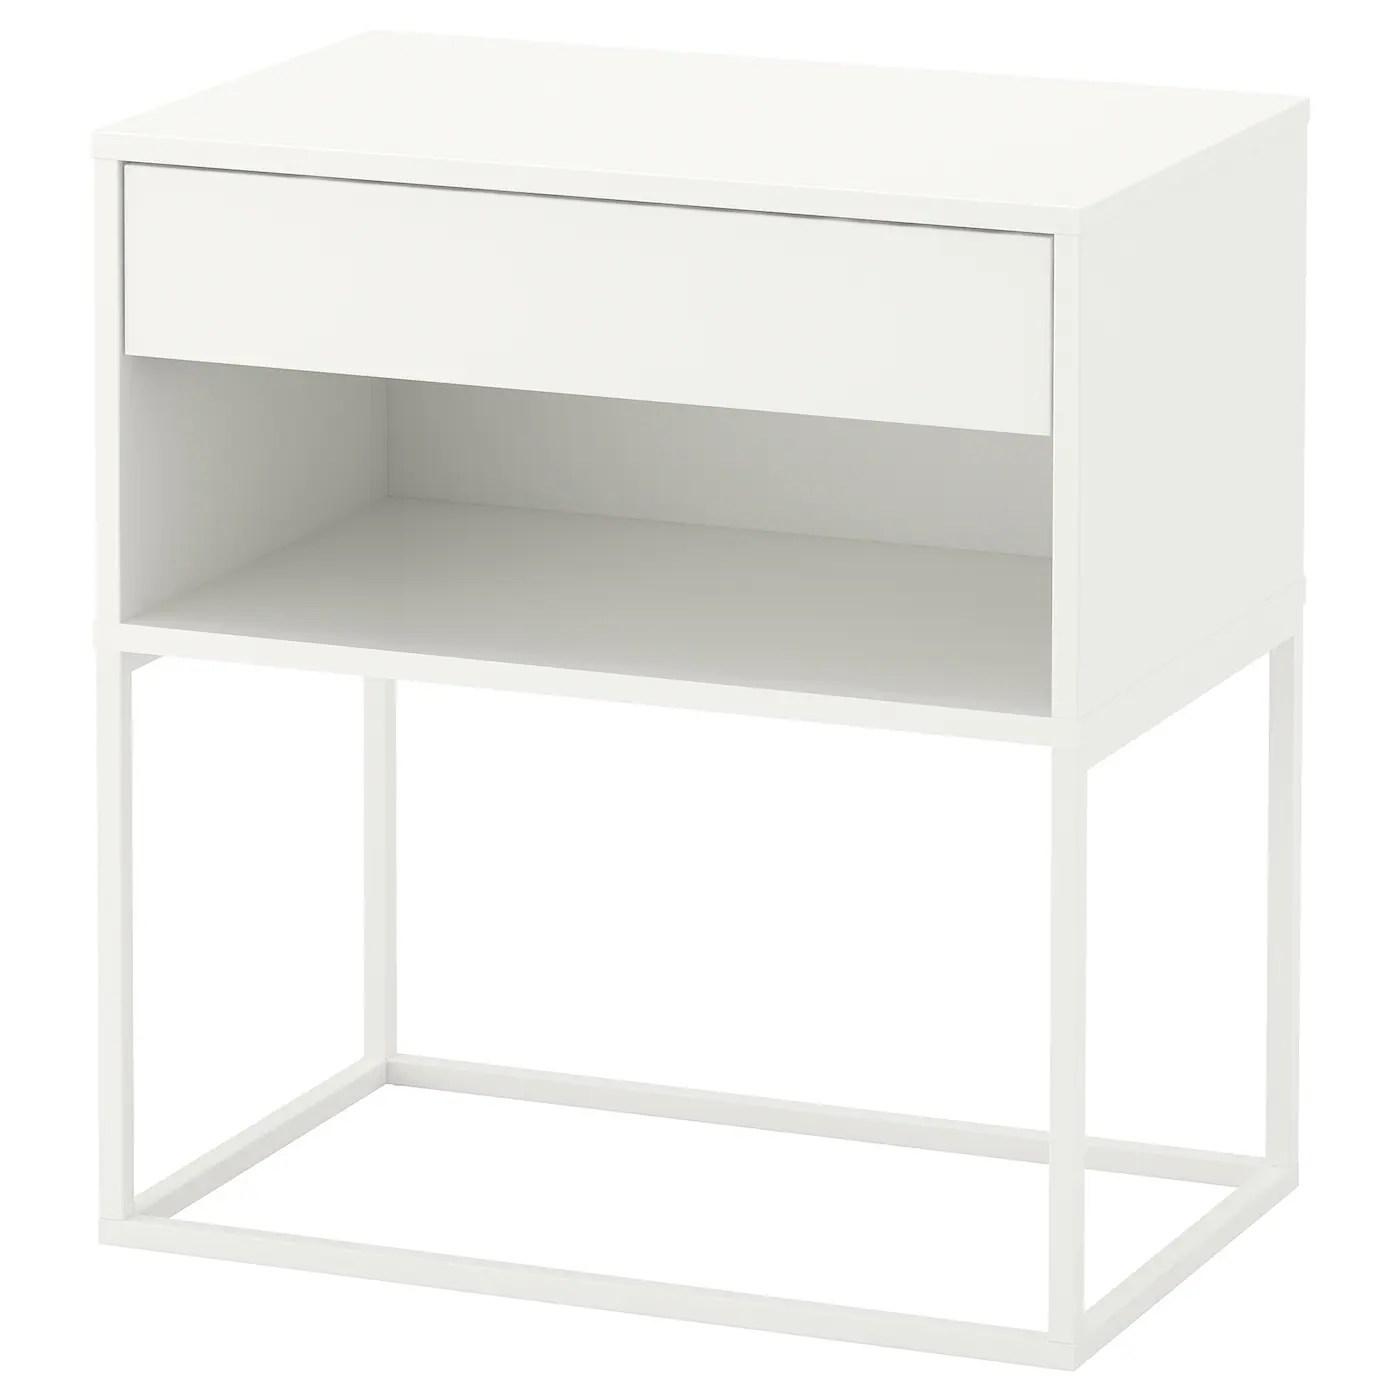 Vikhammer Bedside Table White